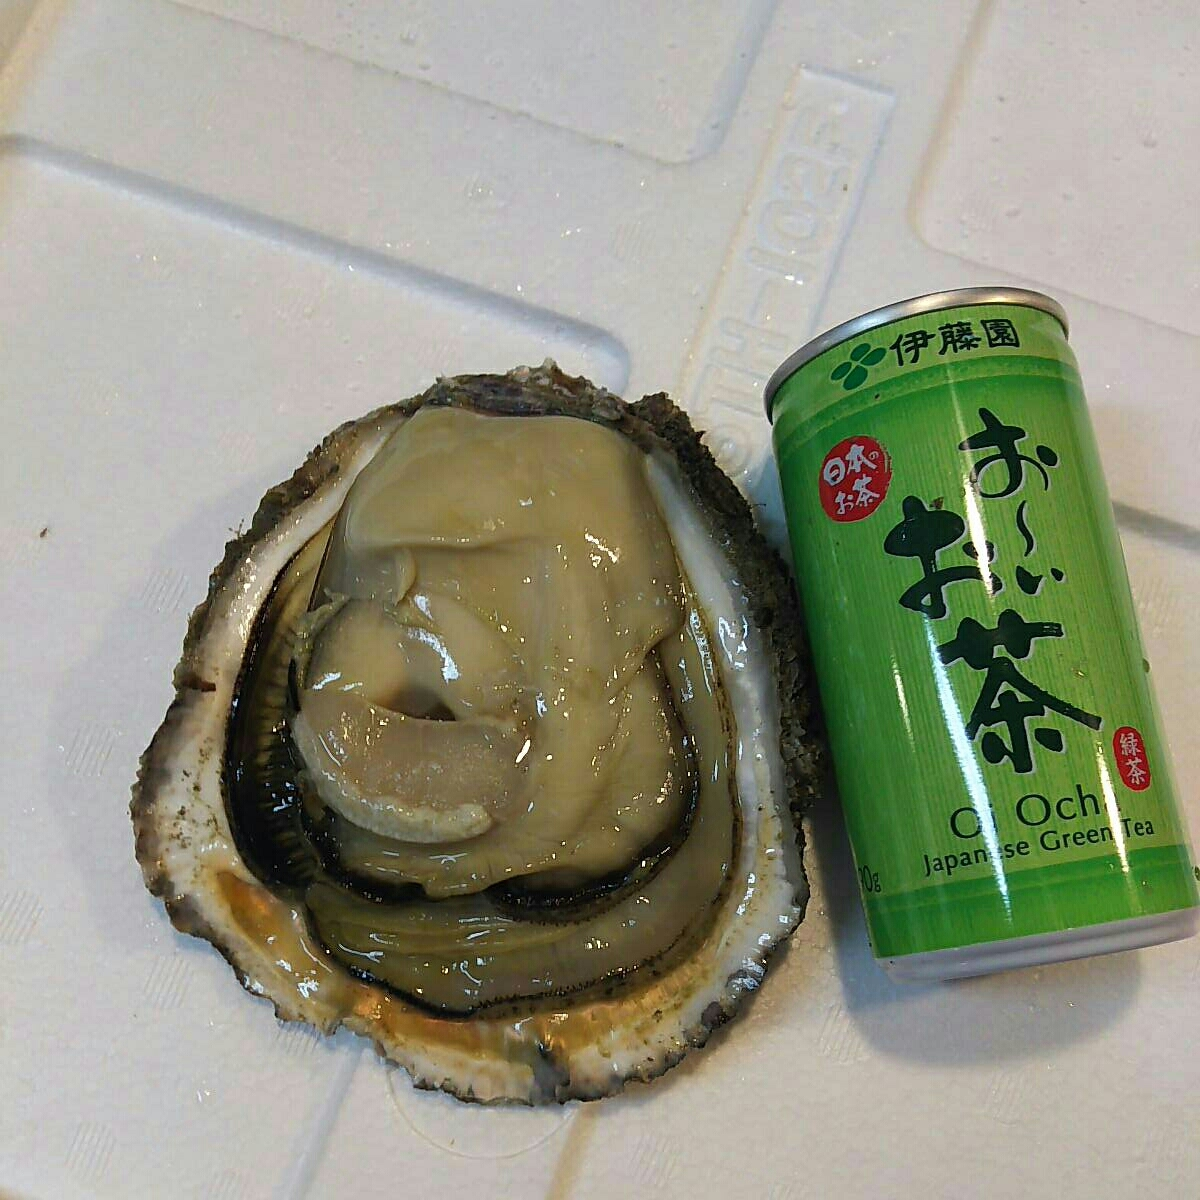 天然岩牡蠣6.5キロ一箱。普通サイズ。普通でも水牡蠣よりも大きい岩牡蠣です。_画像5